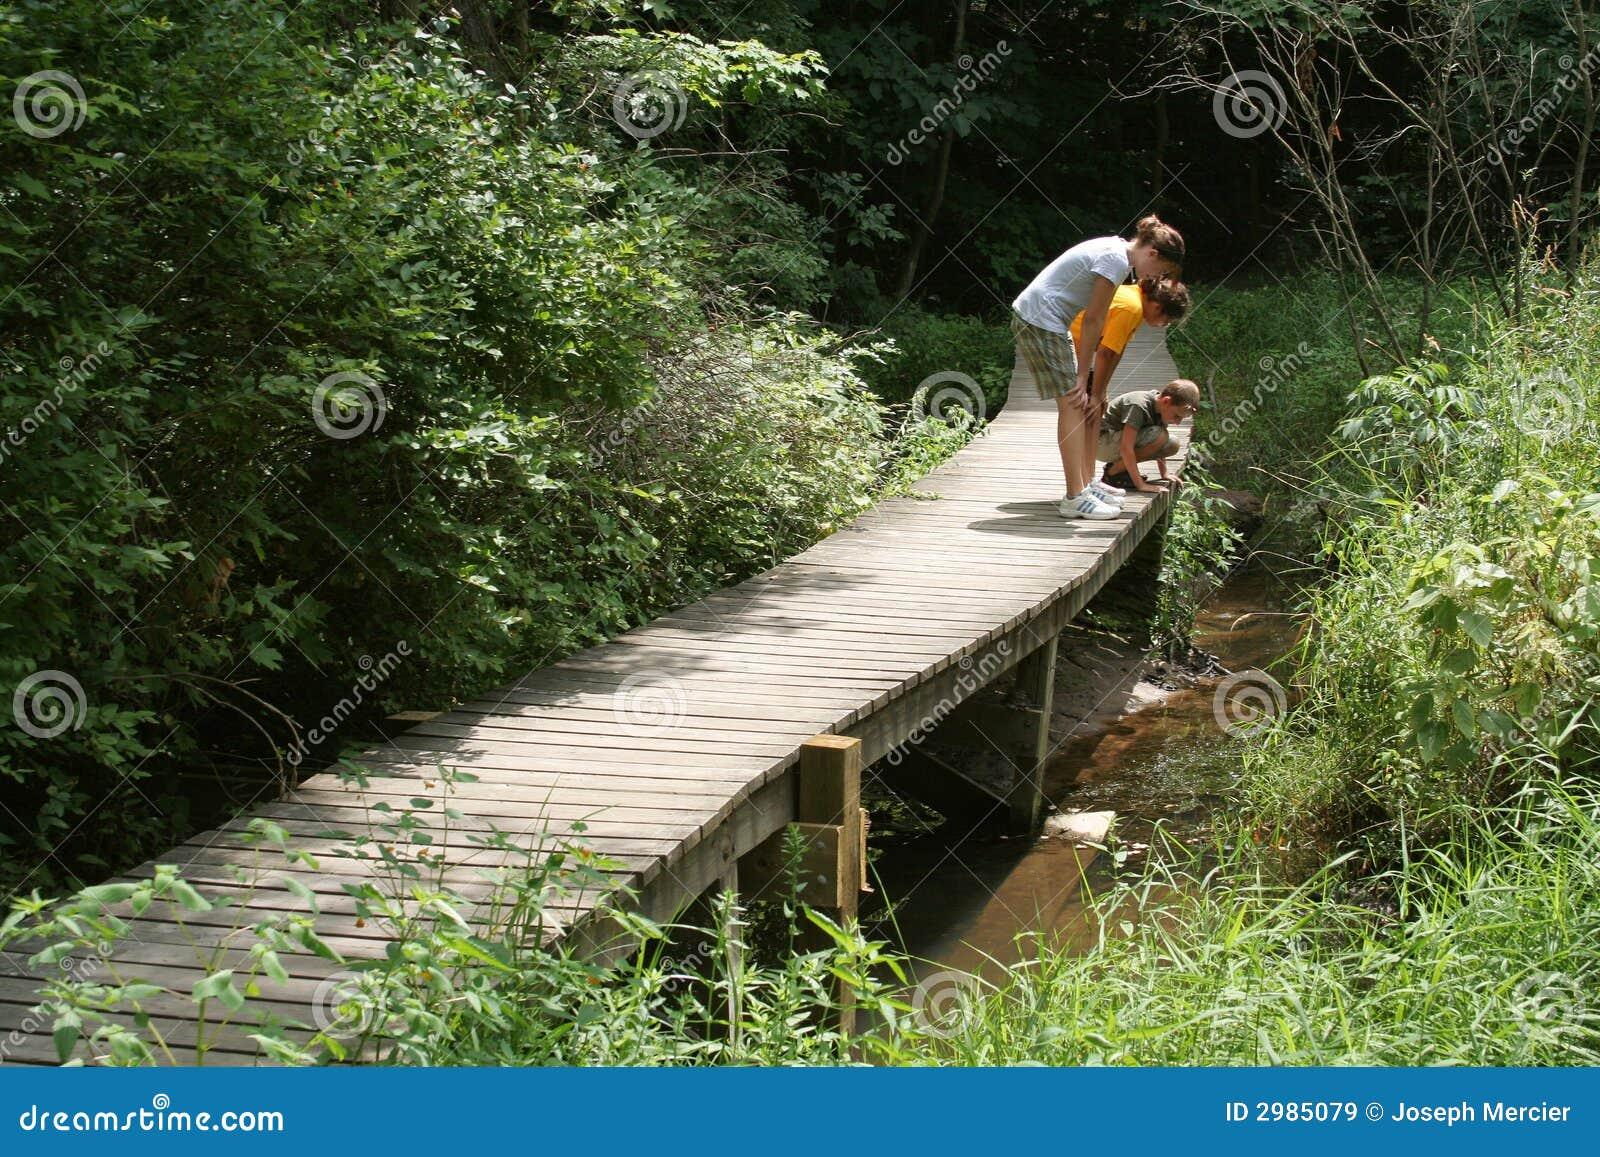 Kids Exploring Nature Trail